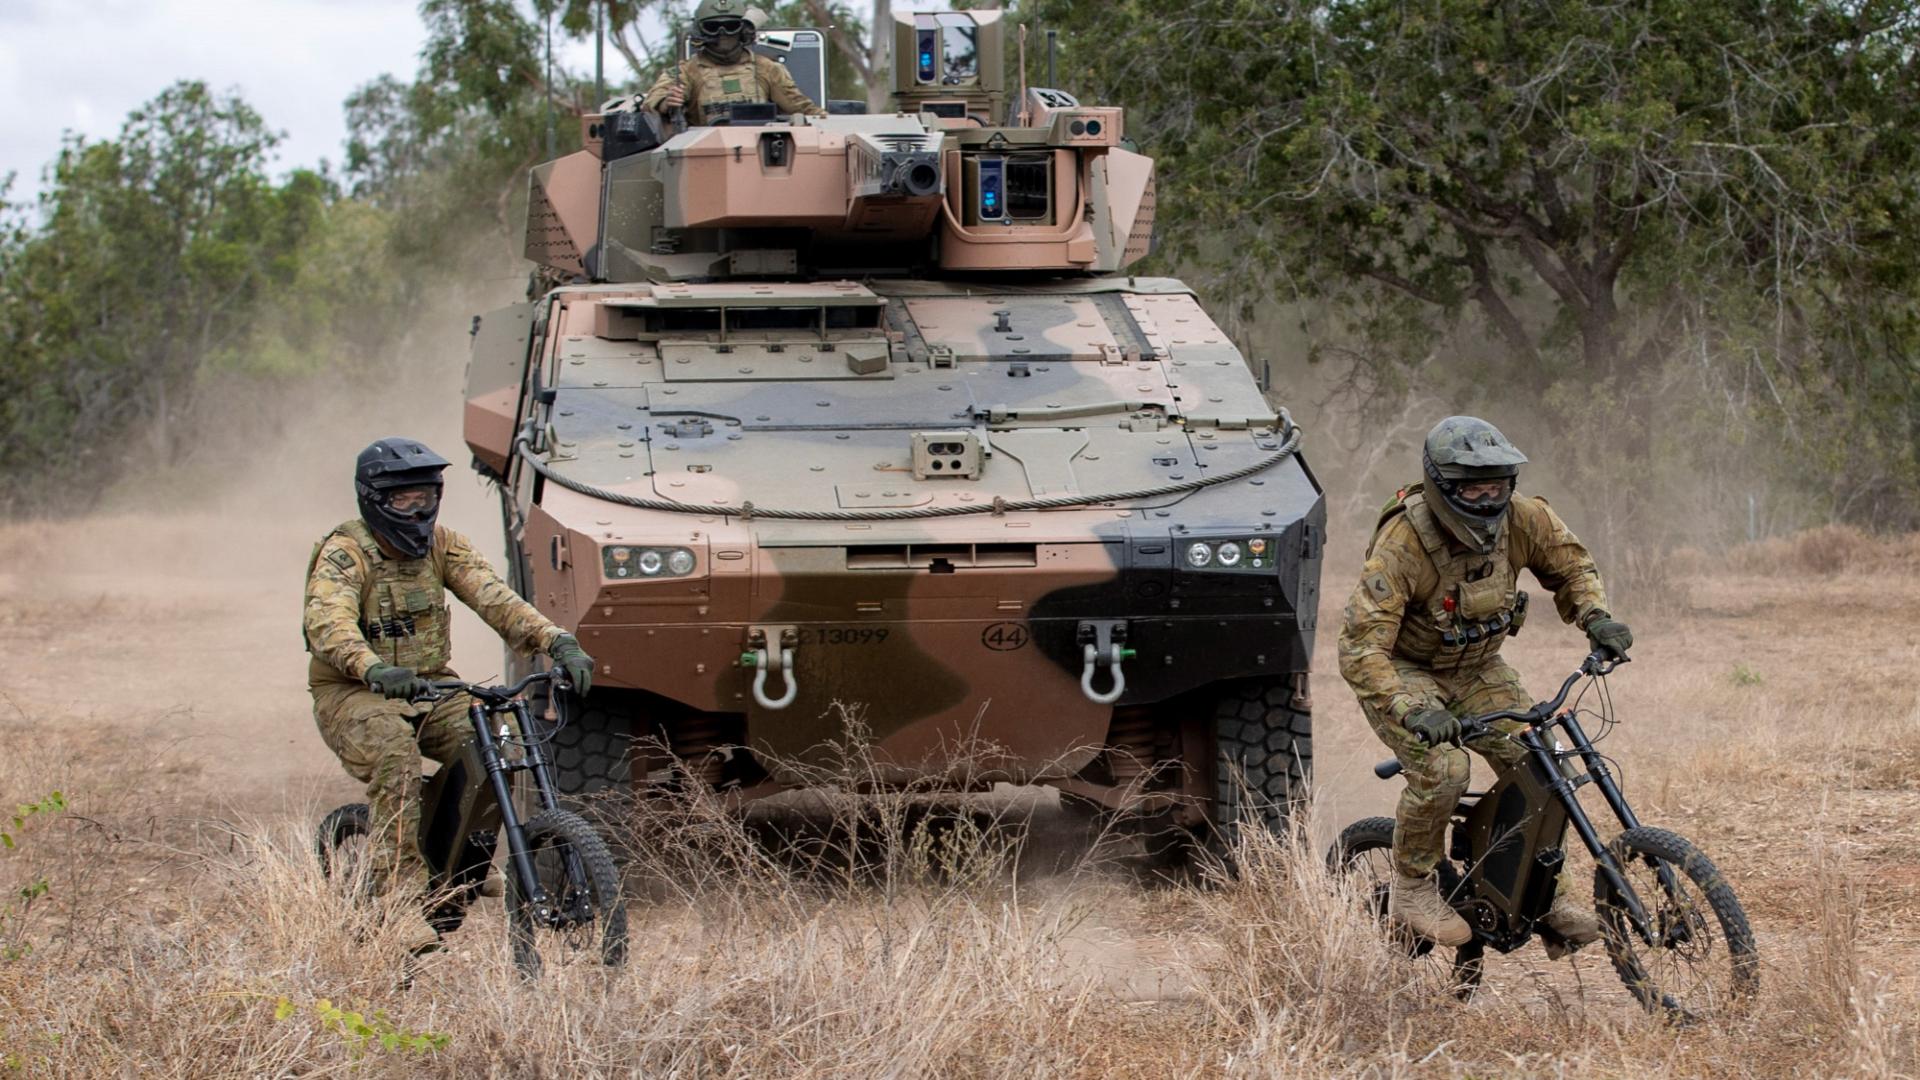 Los militares australianos están probando bicicletas eléctricas furtivas en el campo de batalla